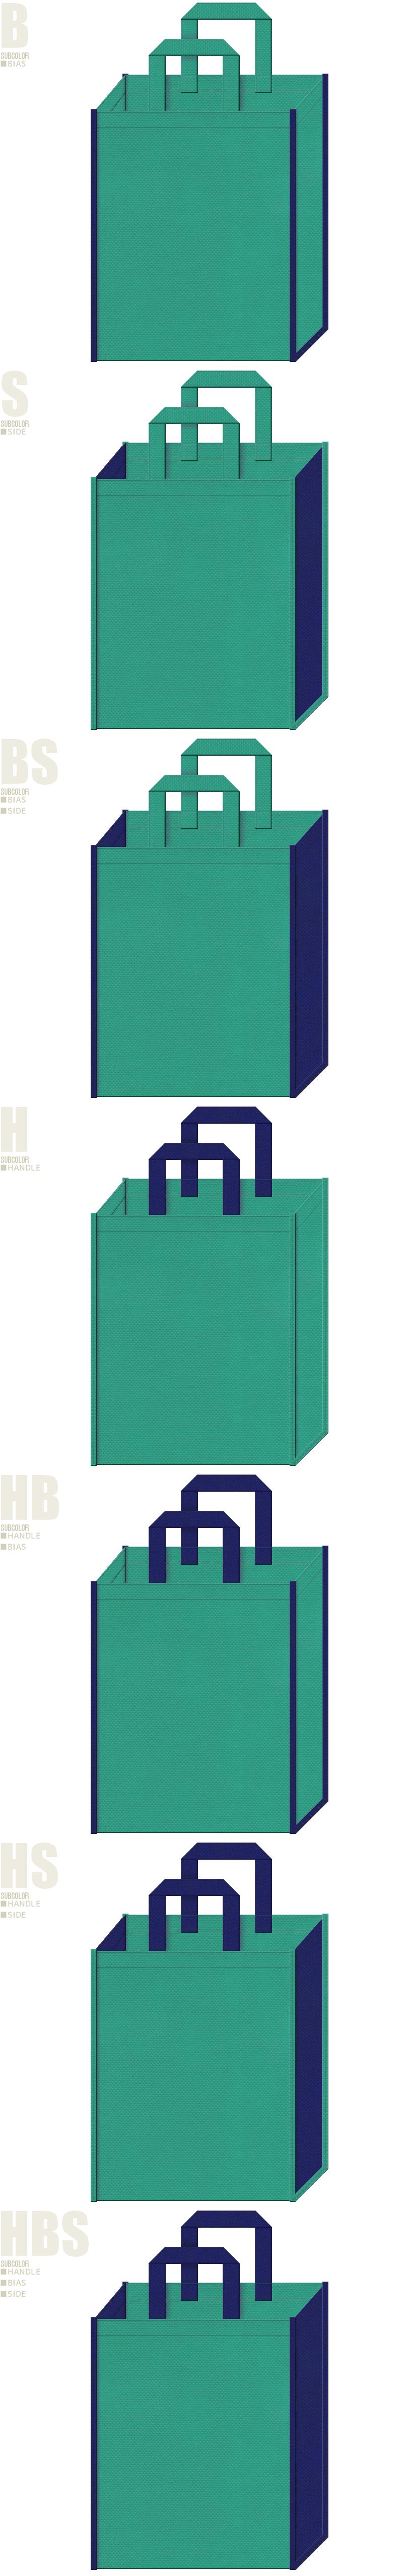 青緑色と明るめの紺色、7パターンの不織布トートバッグ配色デザイン例。